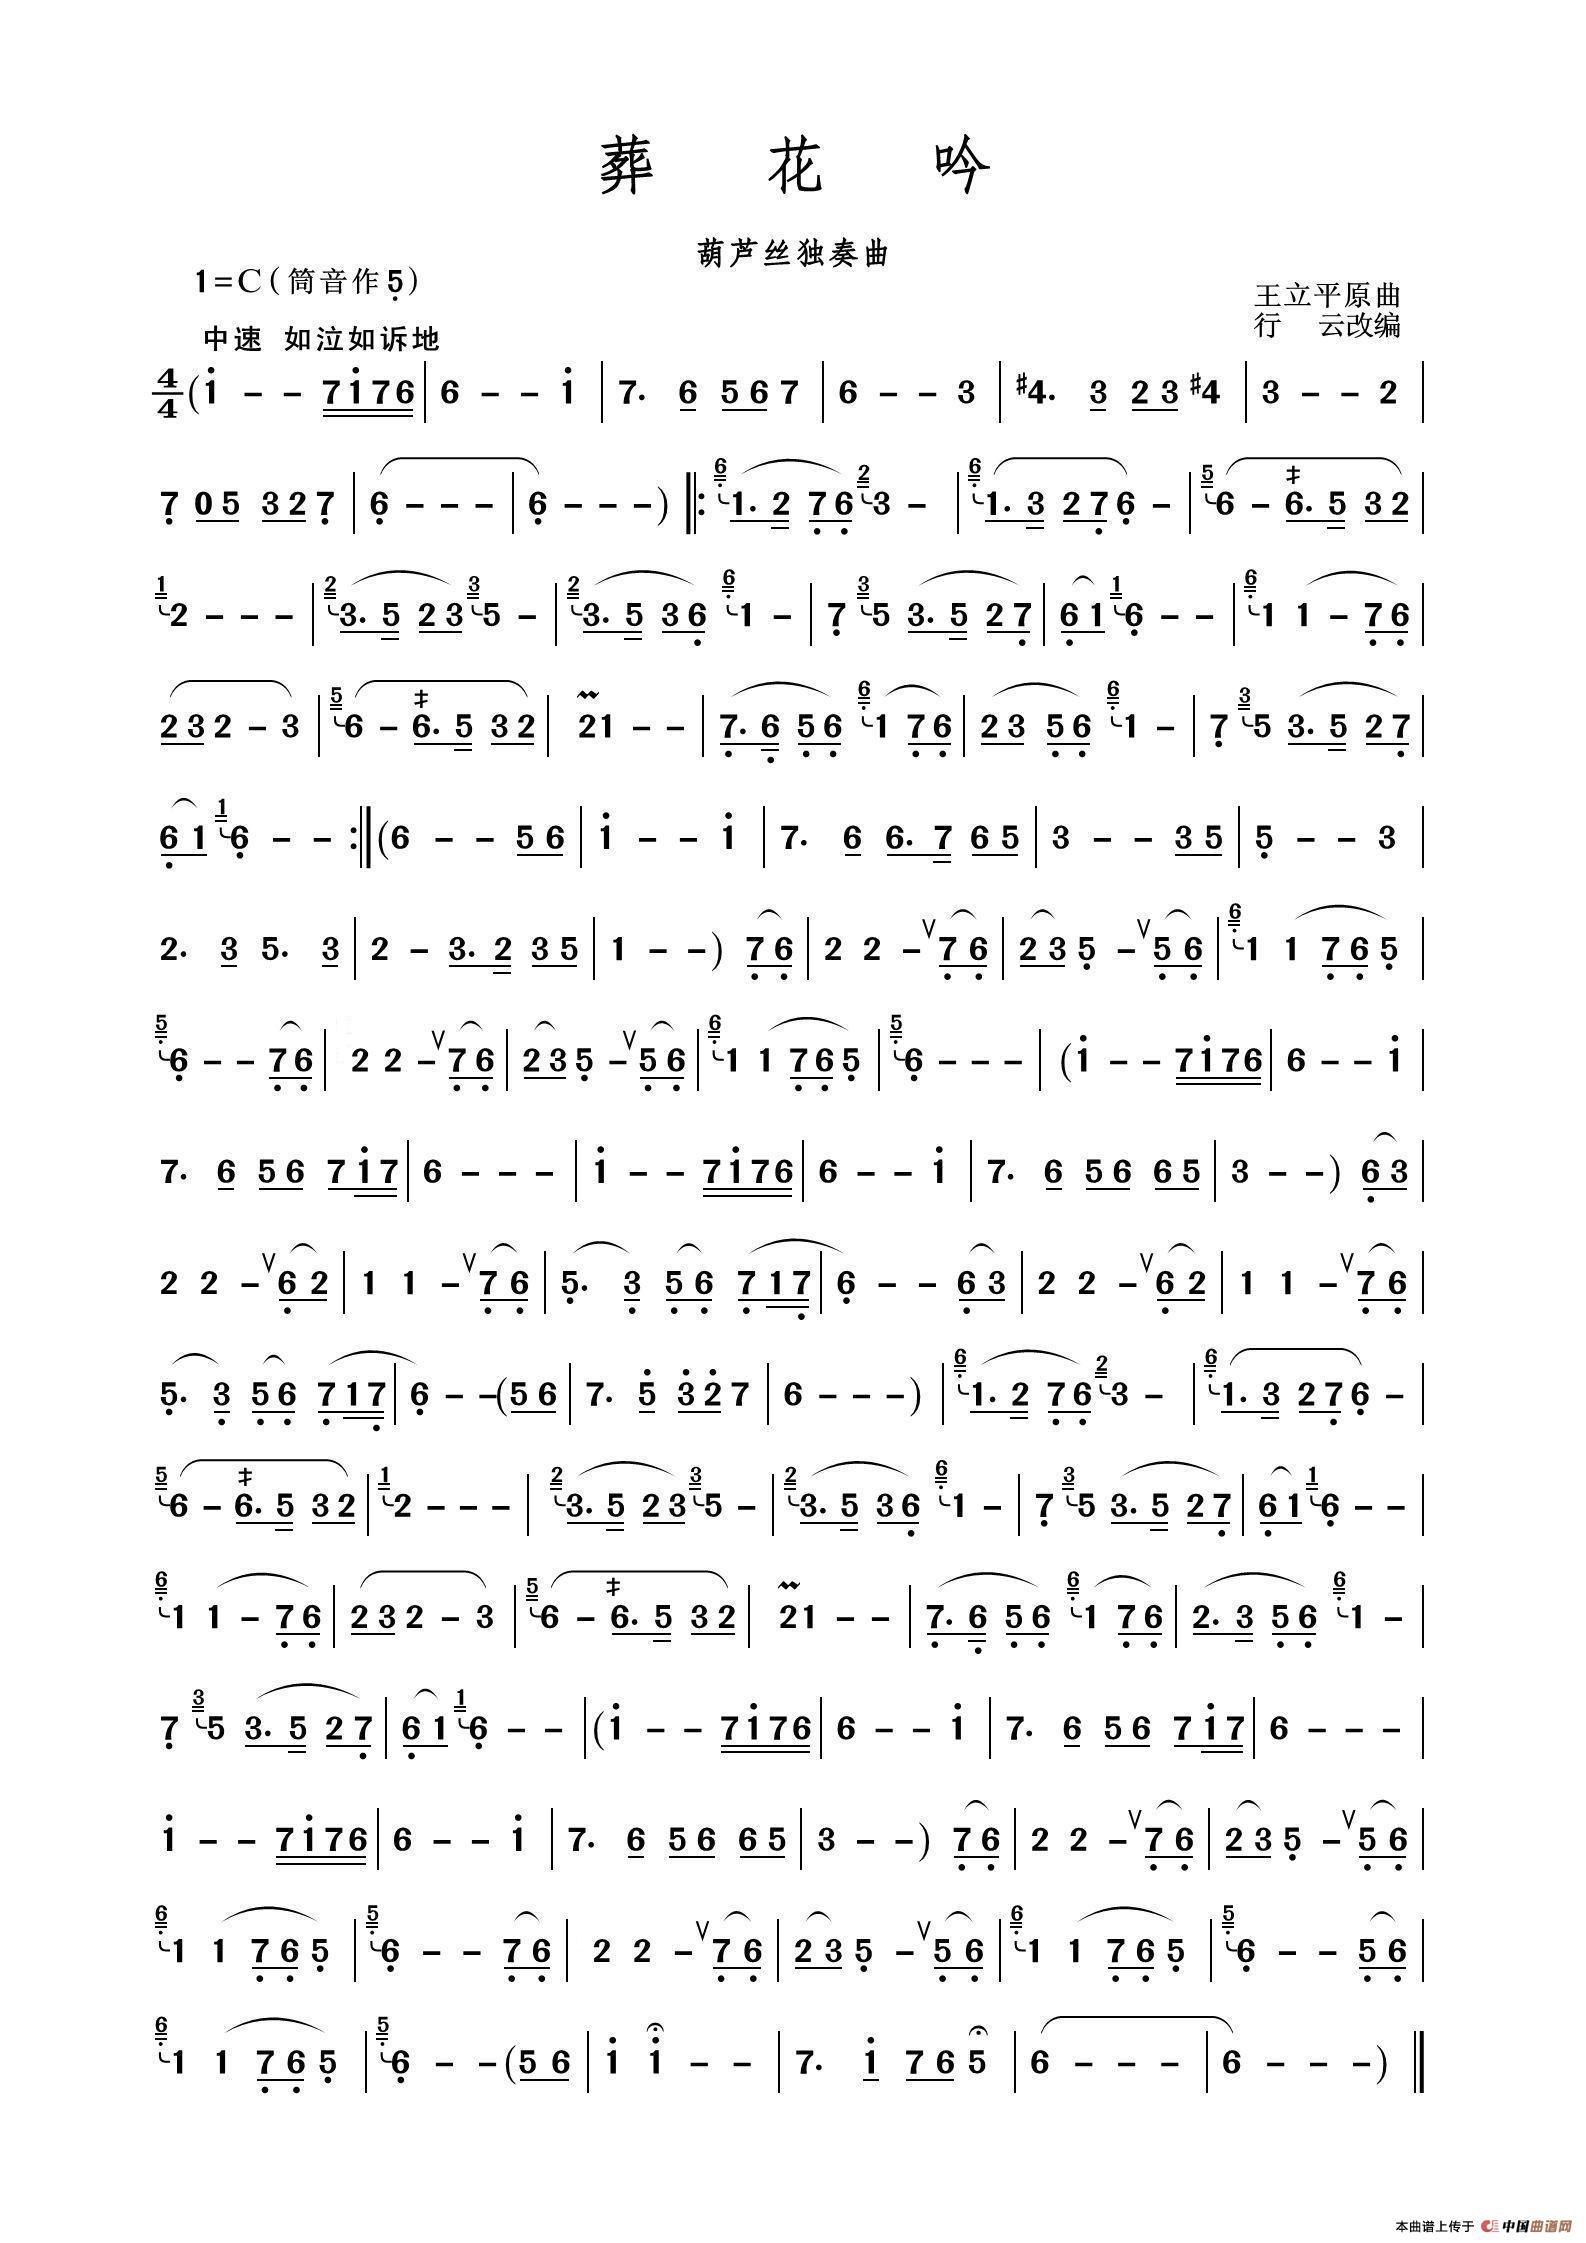 葬花吟葫芦丝曲谱 葫芦丝曲谱葬花吟下载 简谱下载 五线谱下载 曲谱网